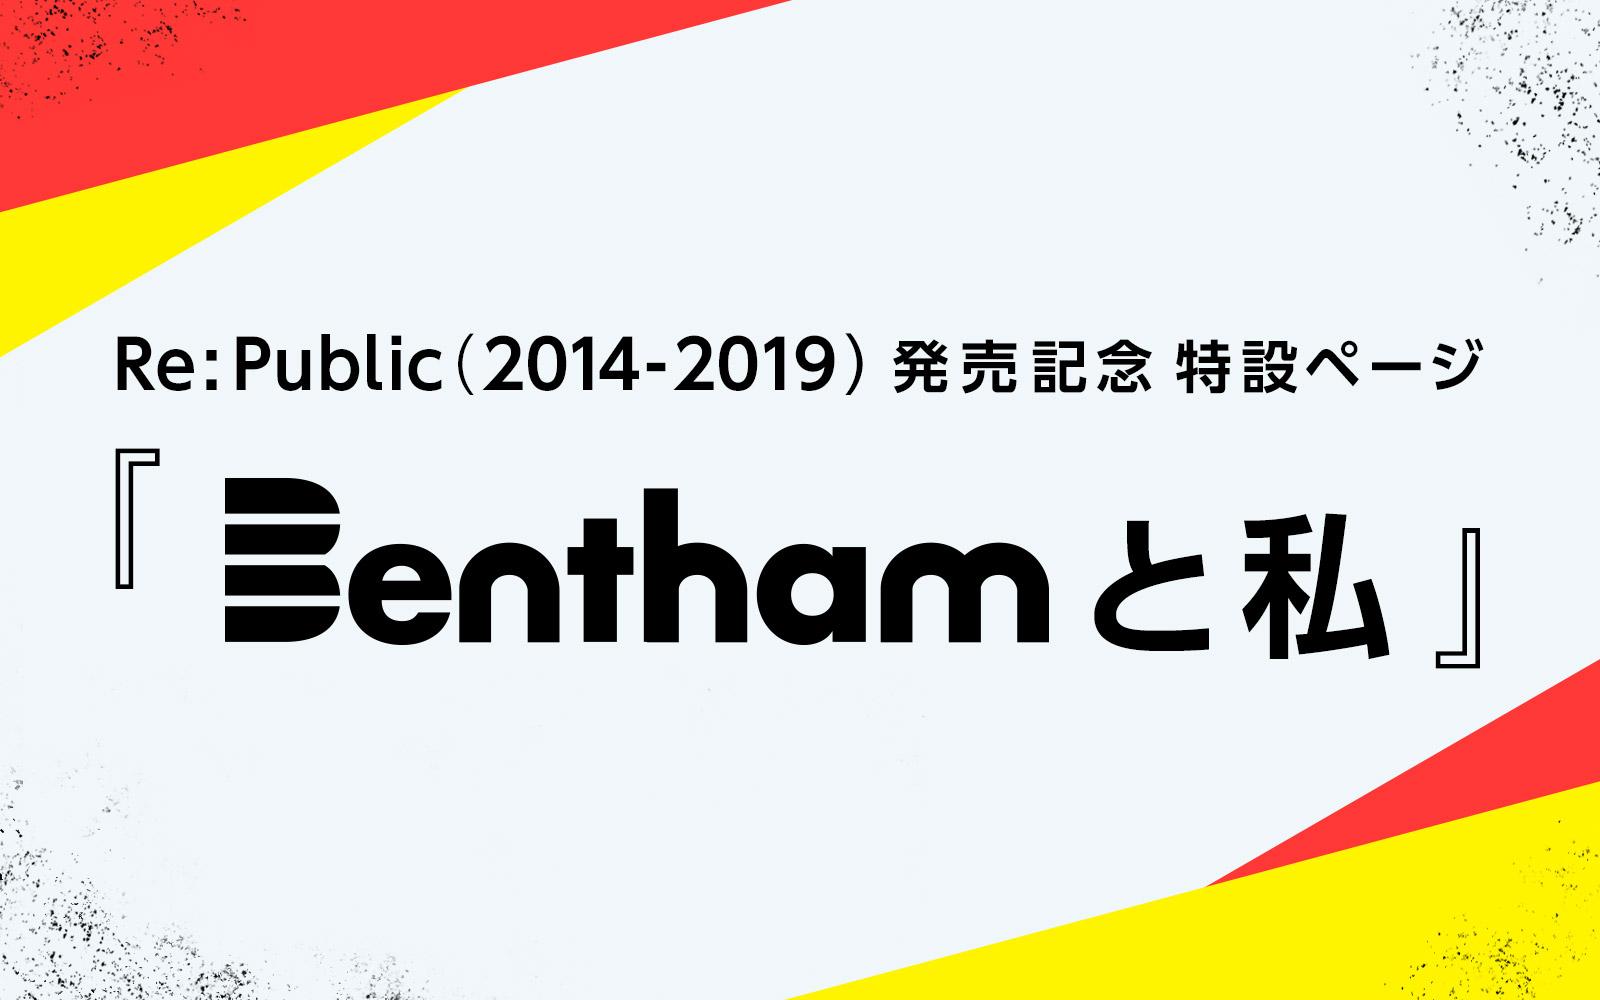 Re: Public <2014-2019>